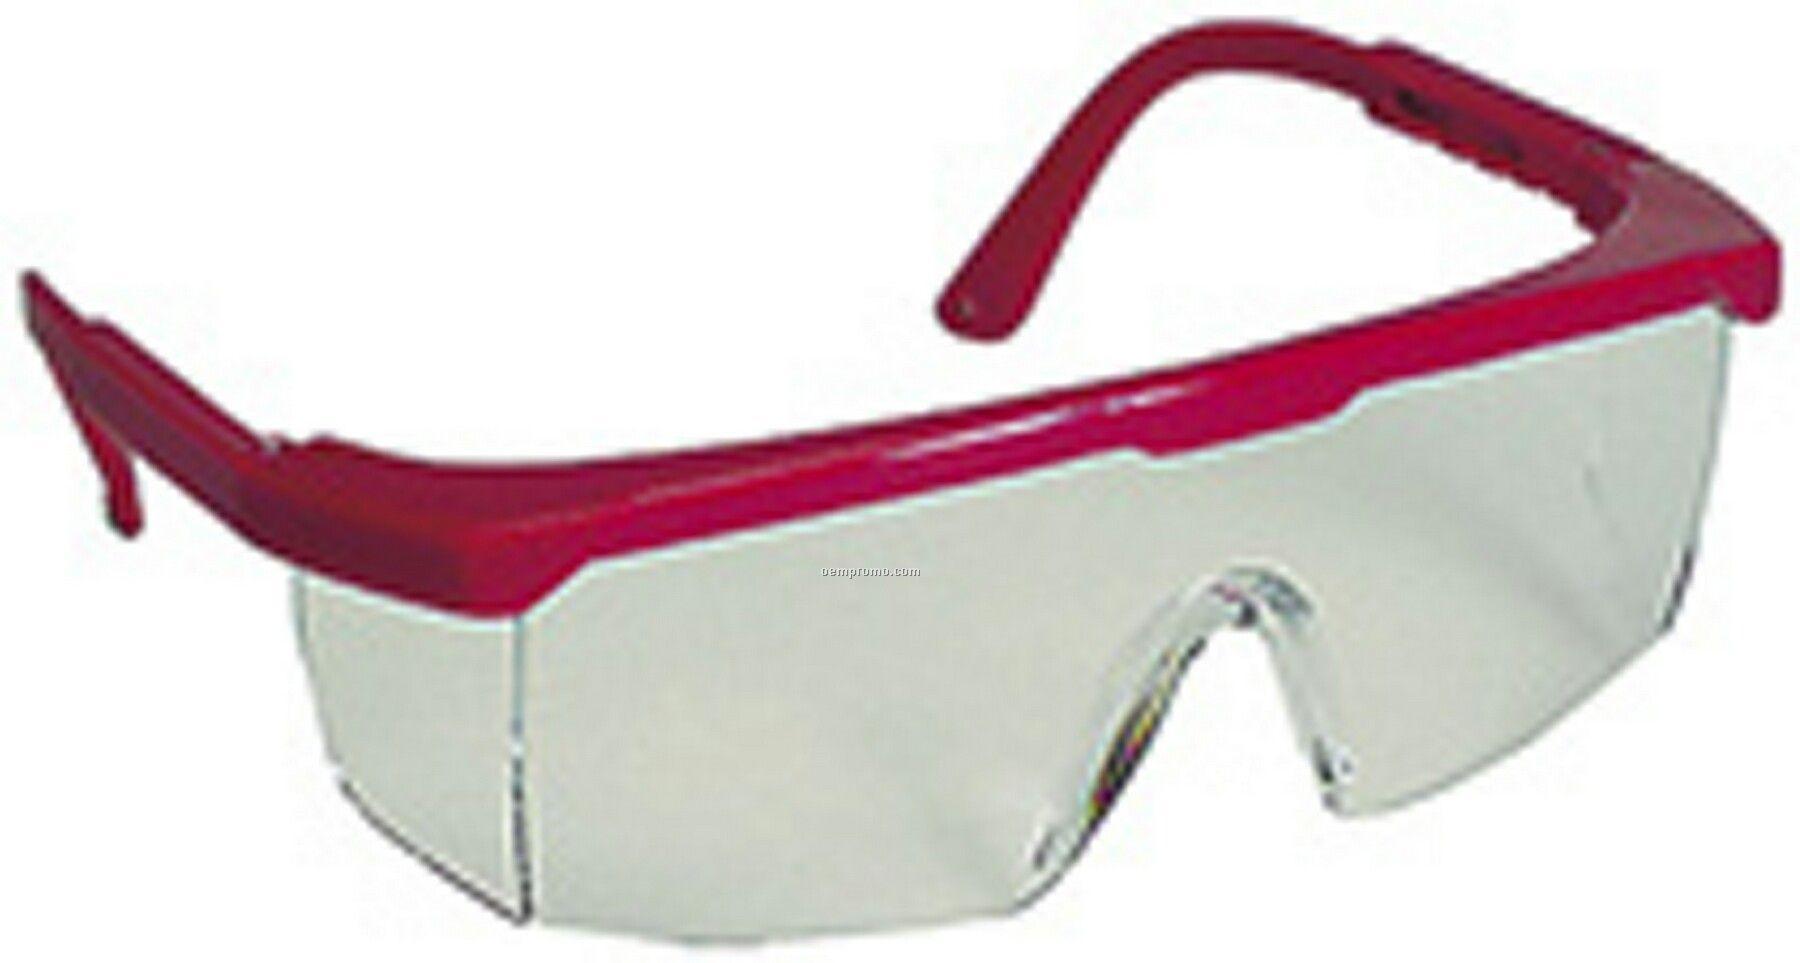 Strobe Safety Glasses